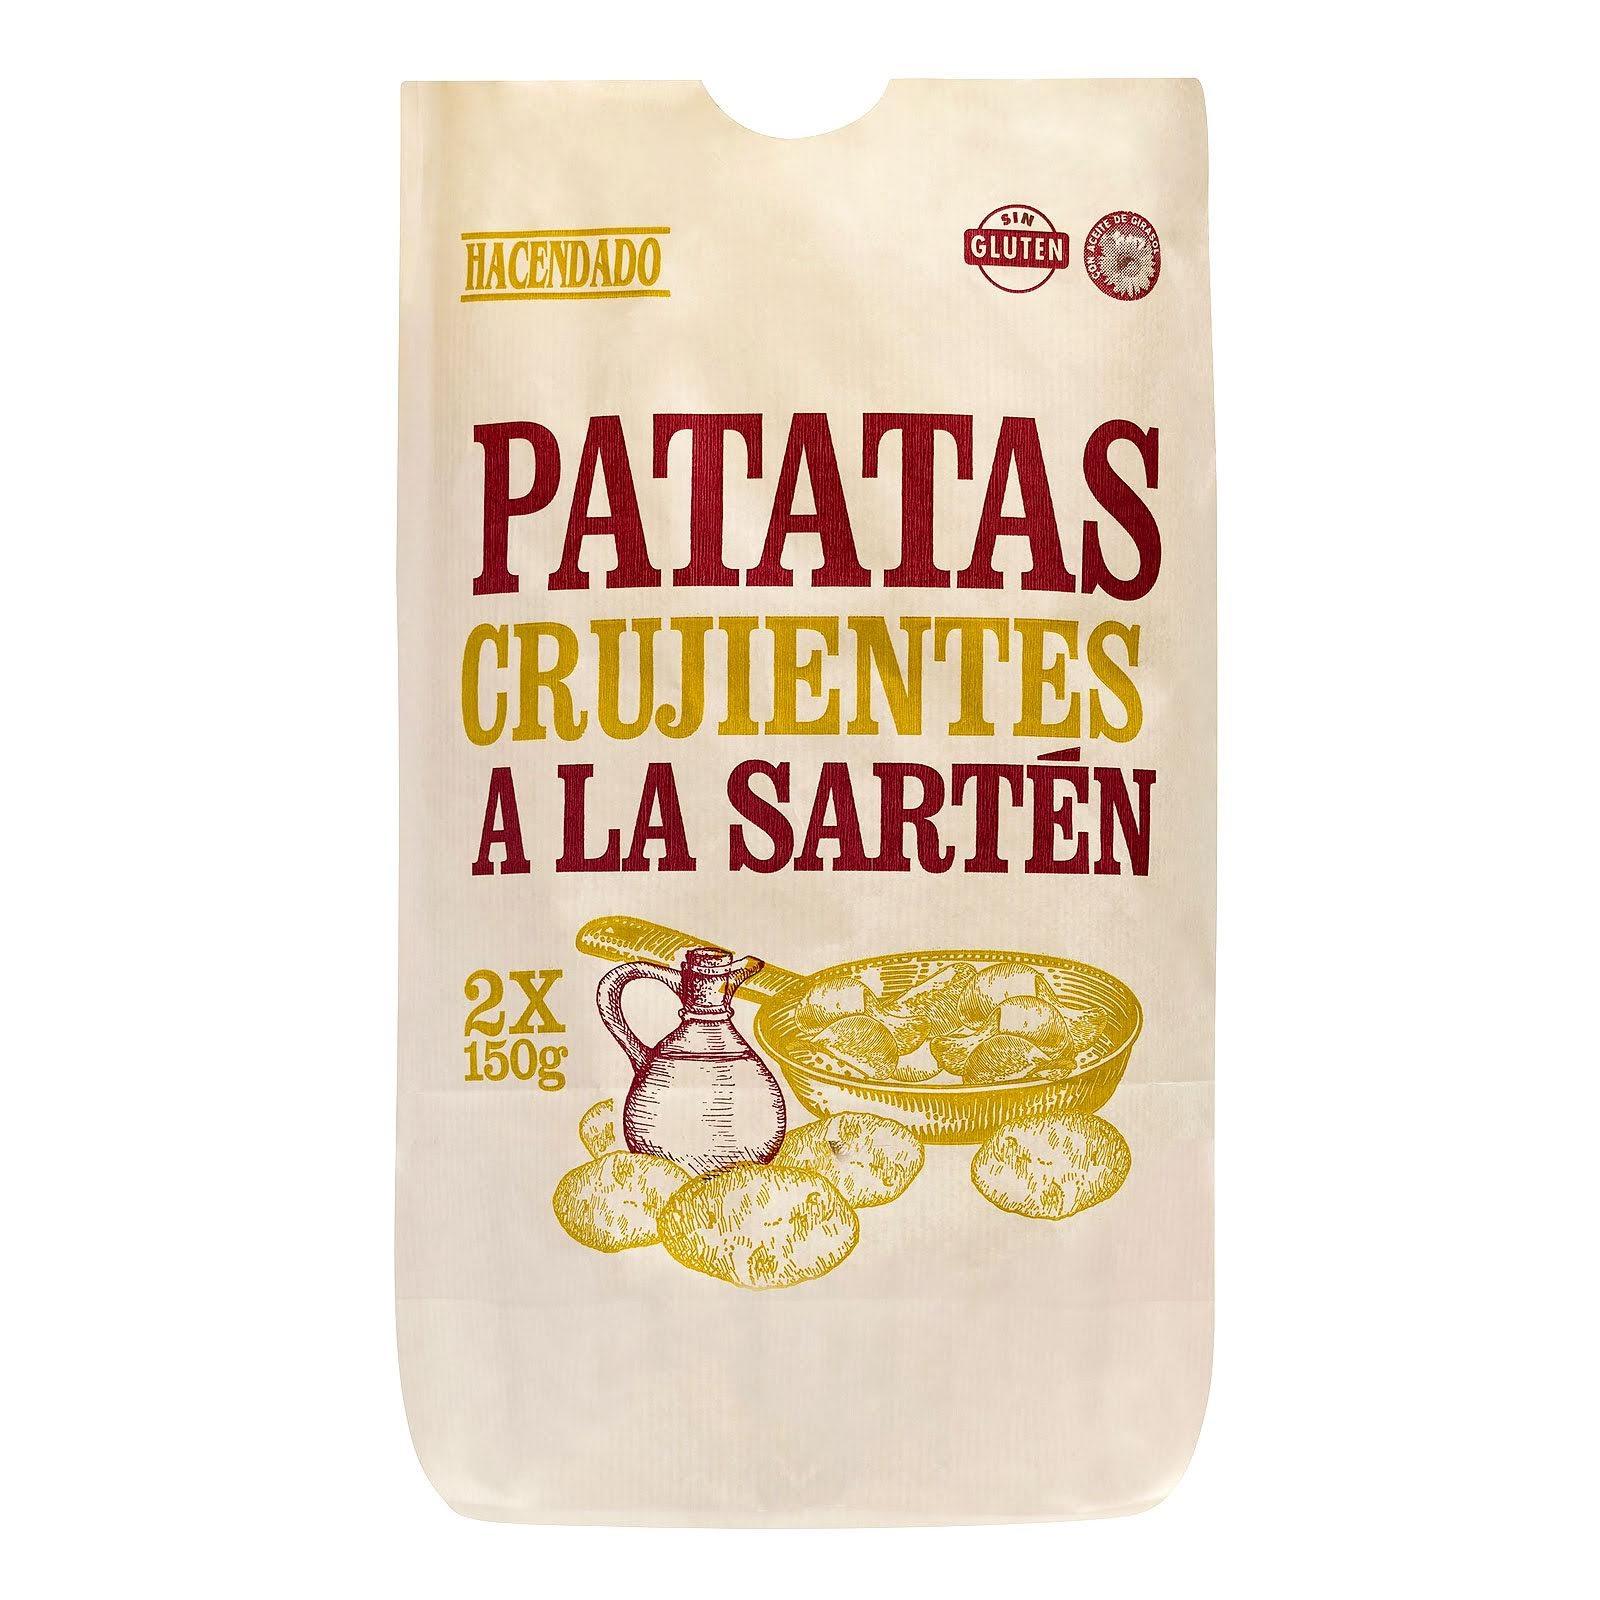 Patatas fritas crujientes a la sartén Hacendado